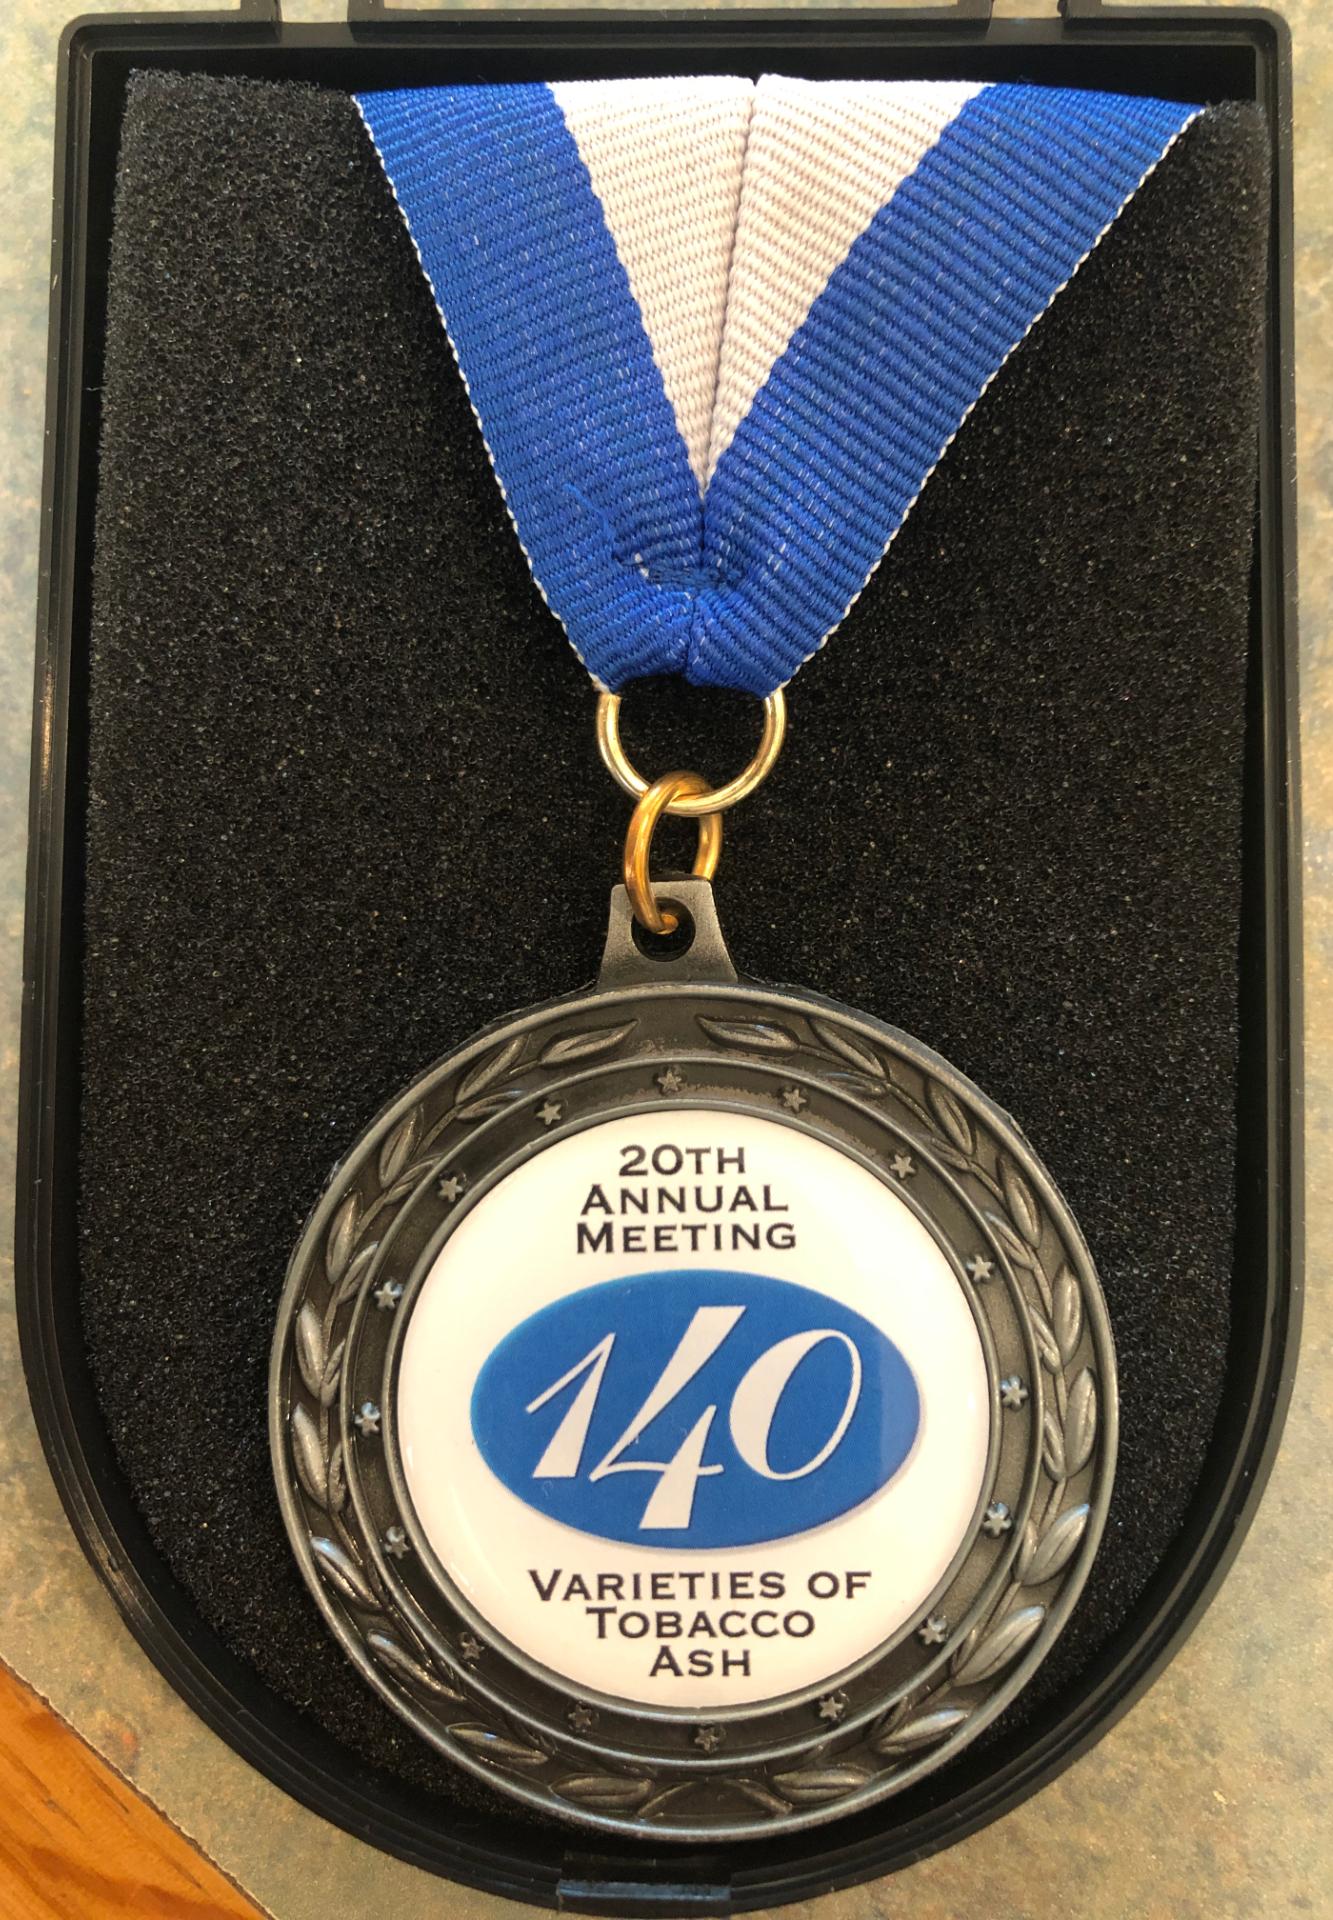 The 2018 140 Varieties of Tobacco Ash Dinner Medal